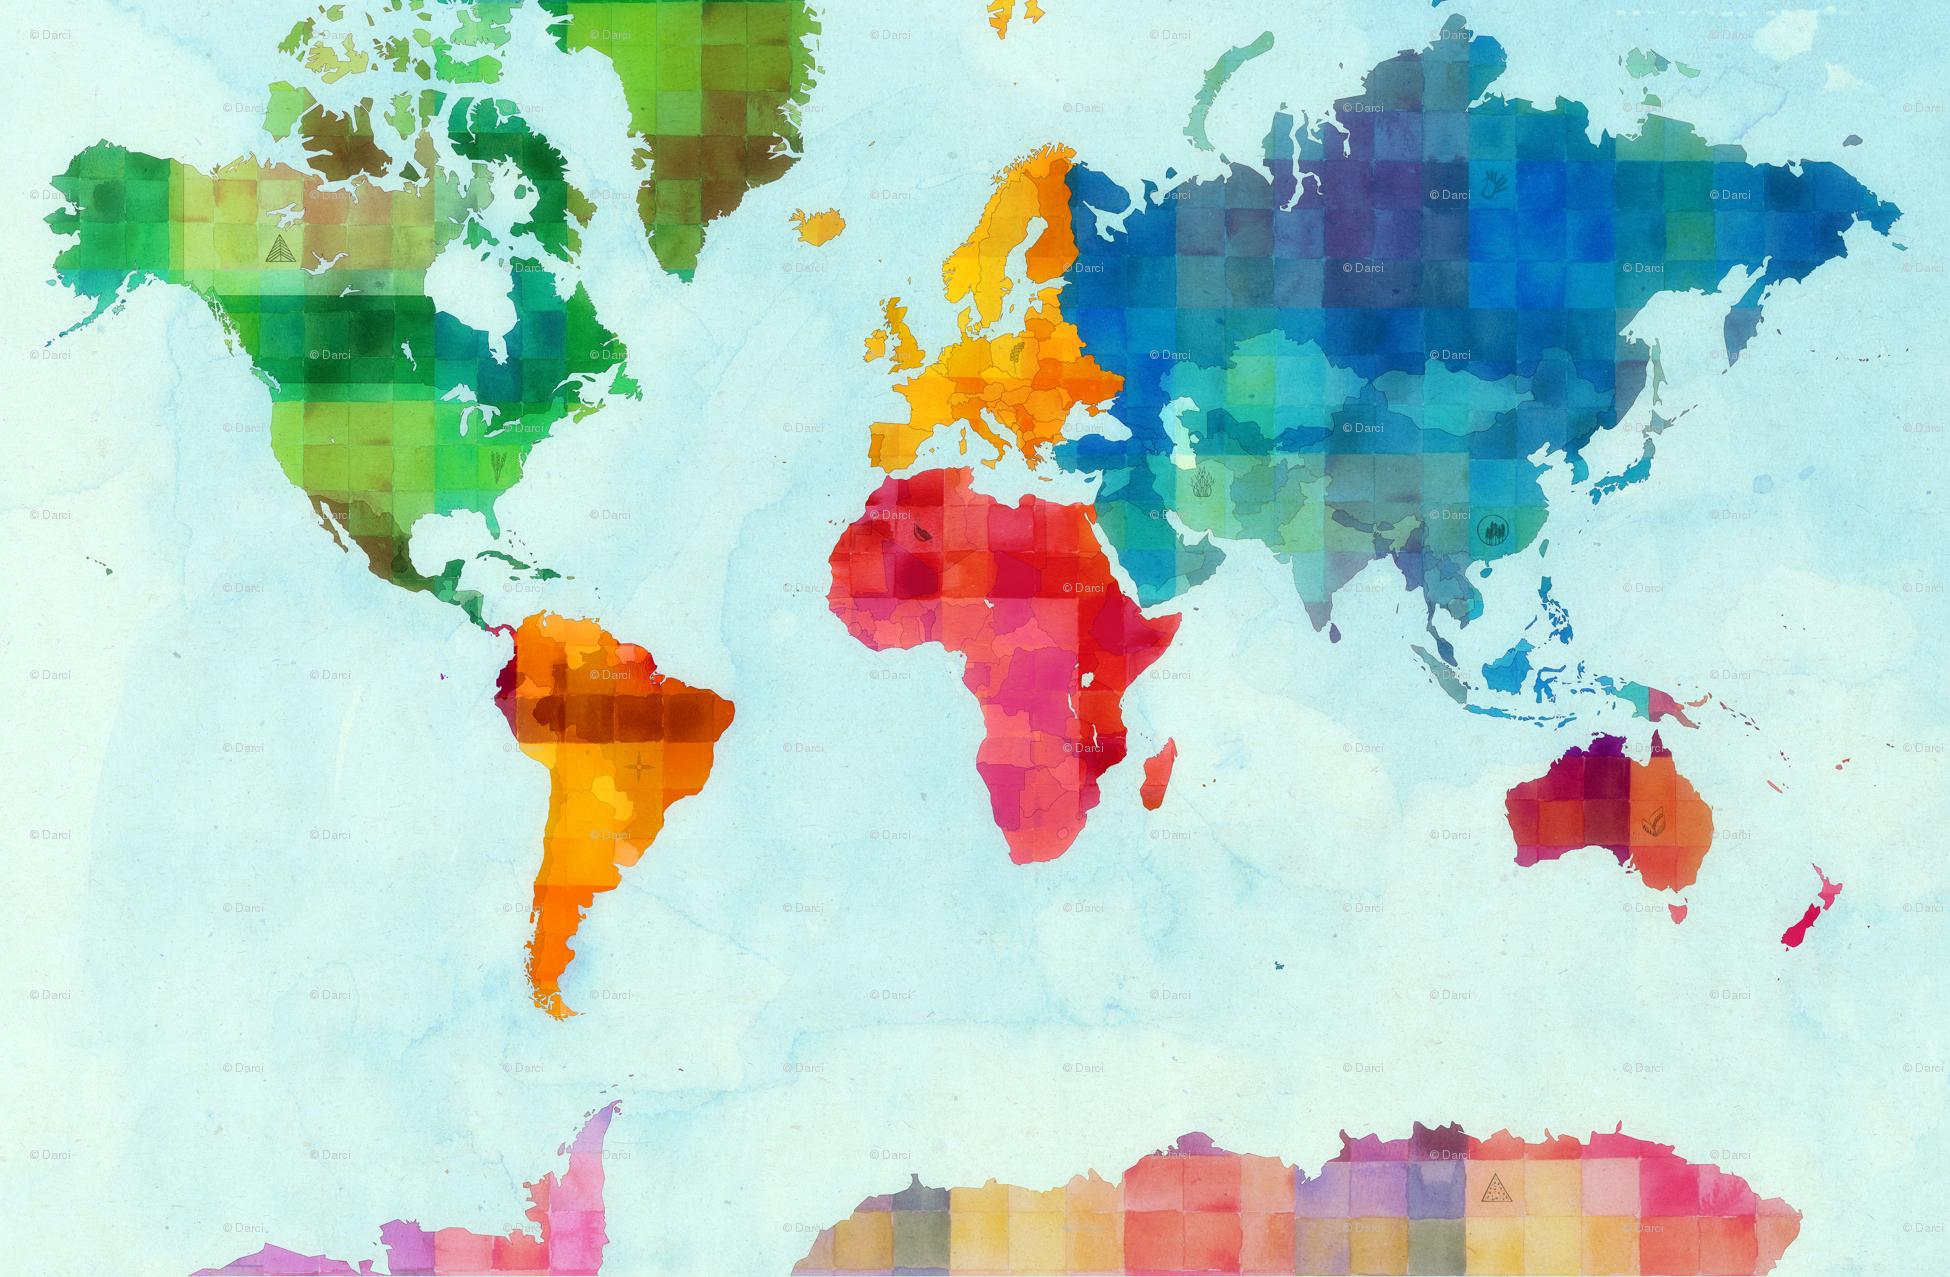 Worksheet. Best World Map Wallpapers in High Quality Junita Cunha 381056